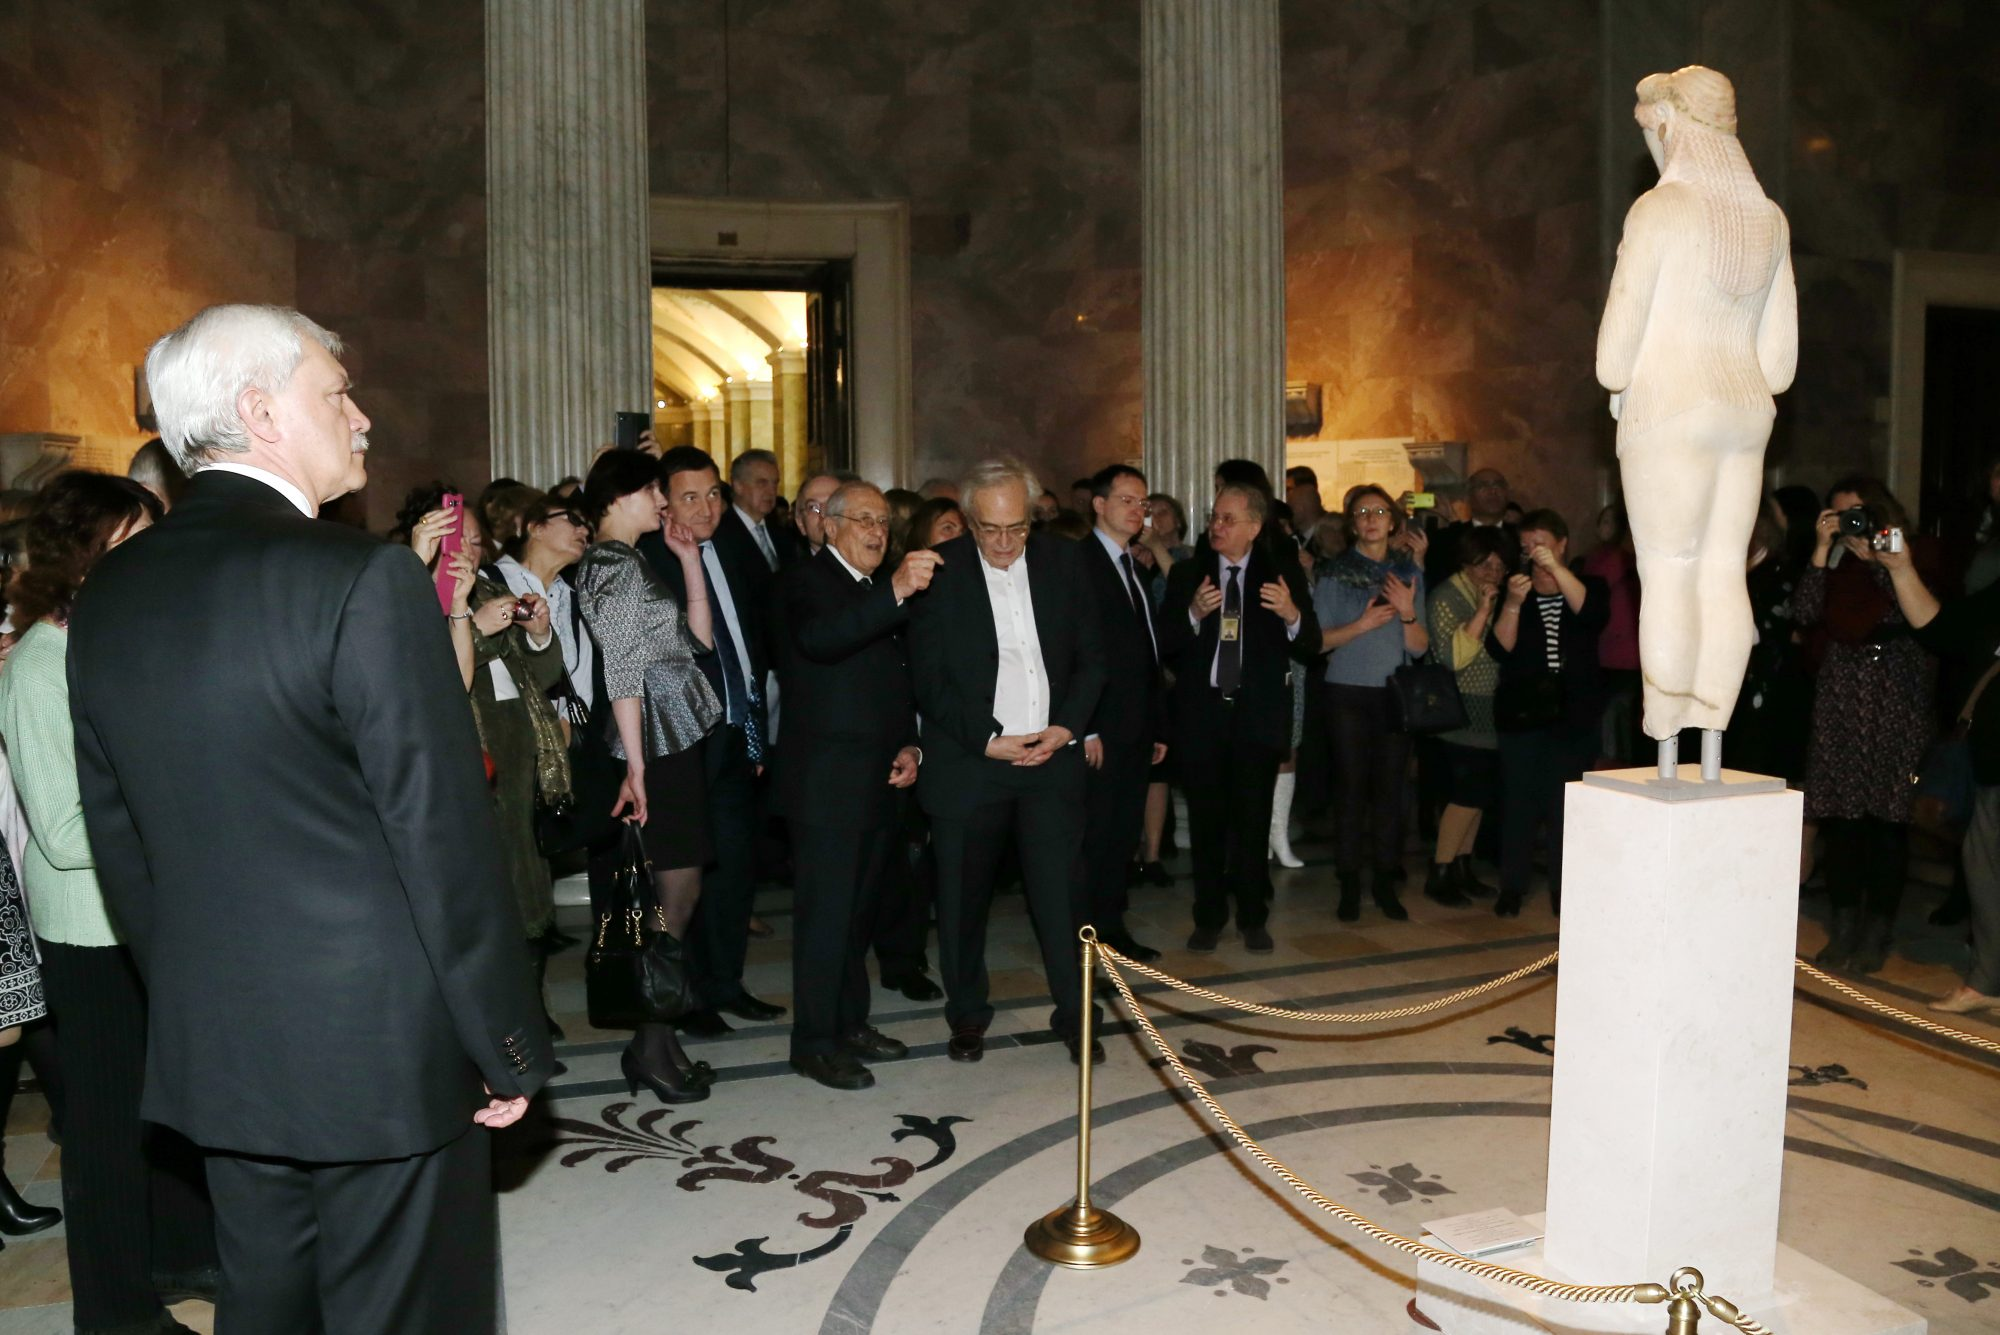 фото предоставлено пресс-службой губернатора Петербурга